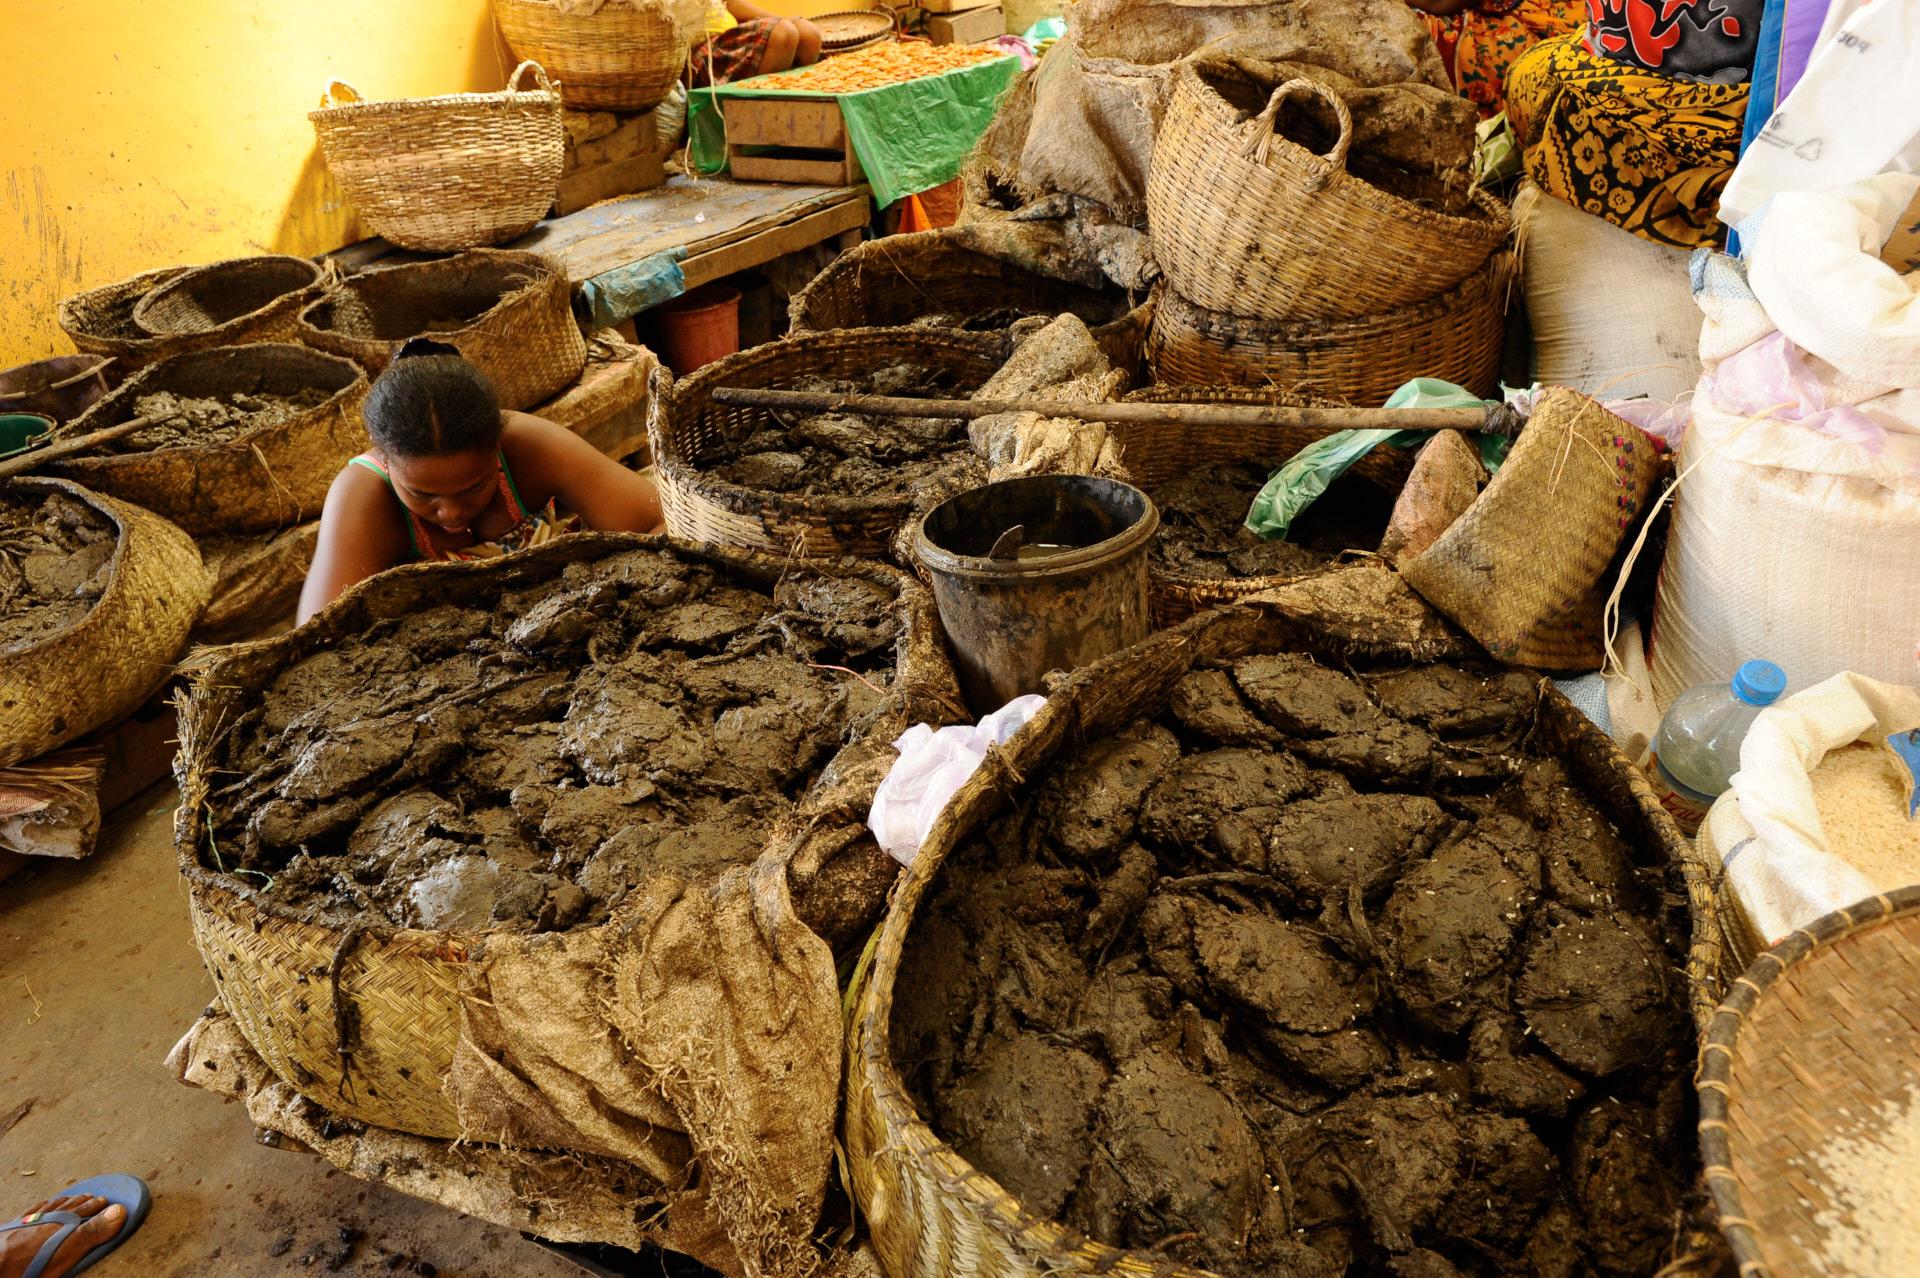 granchi al mercato di nosy be